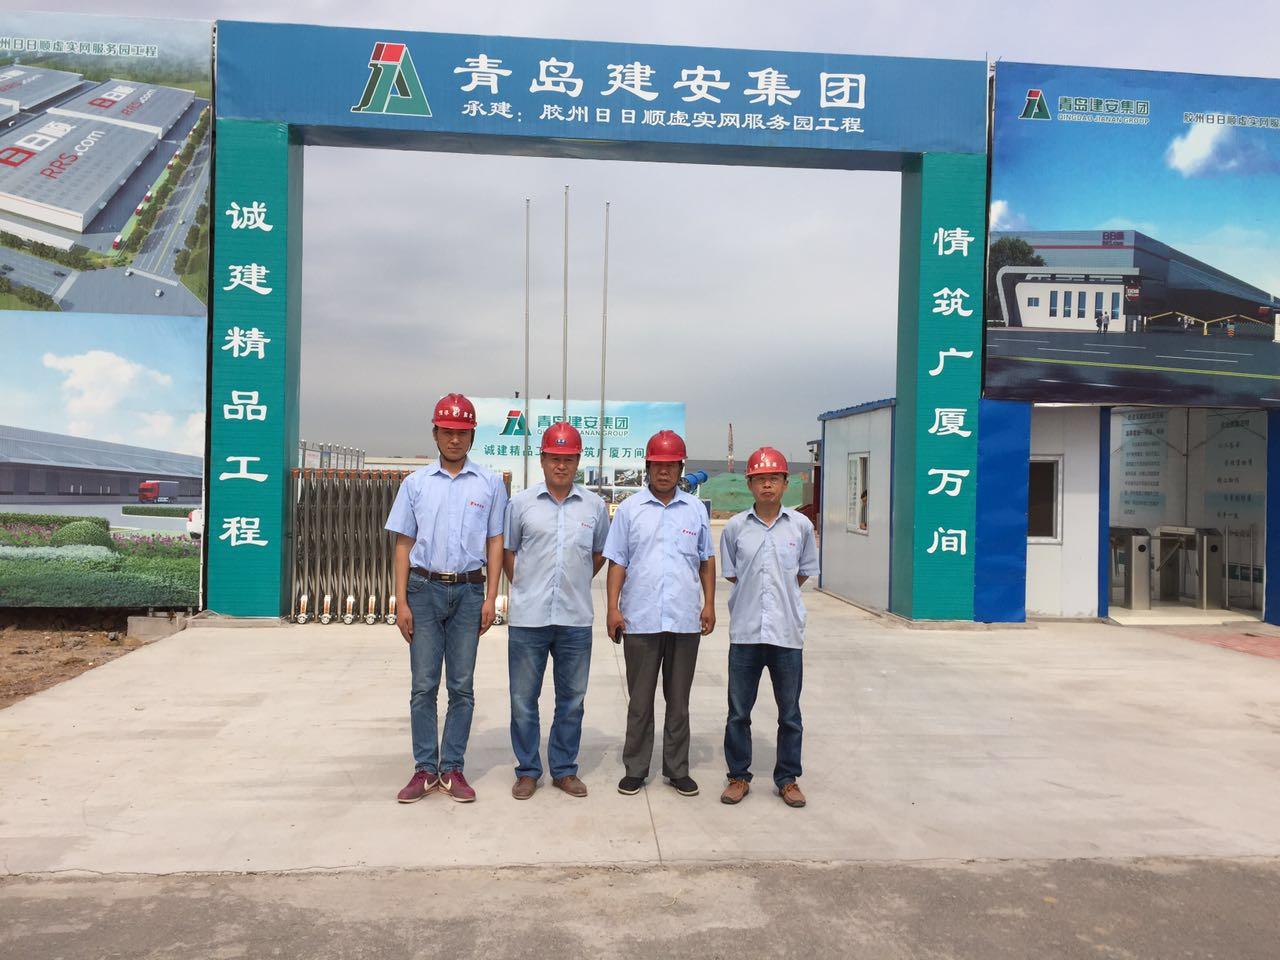 明珠监理胶州日日顺项目团队集体照